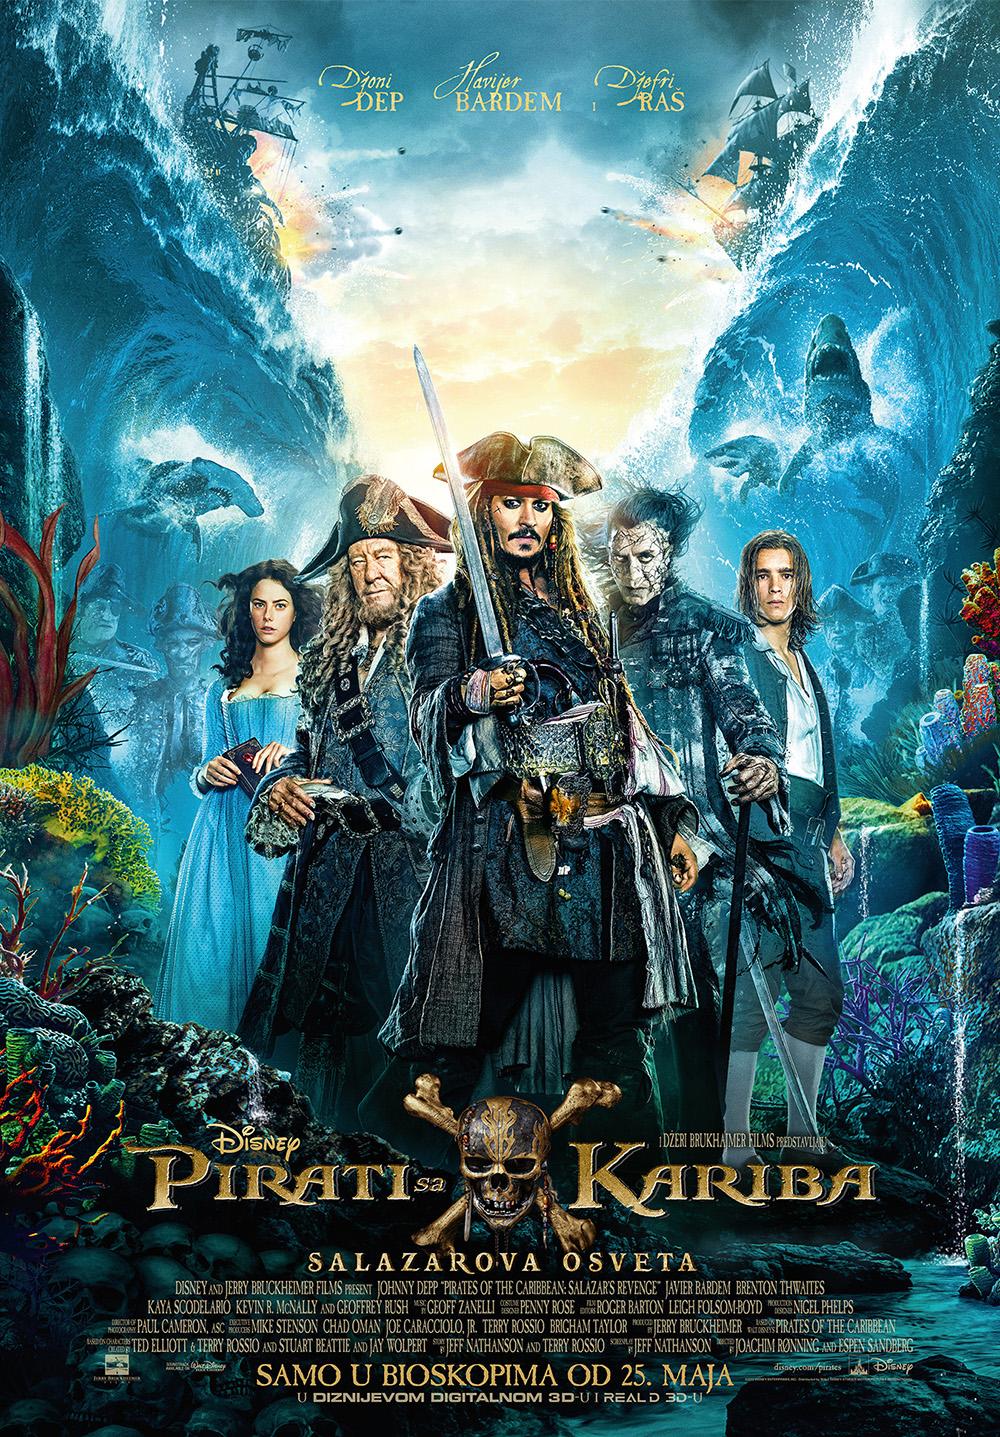 Pirati sa Kariba - Salazarova osveta